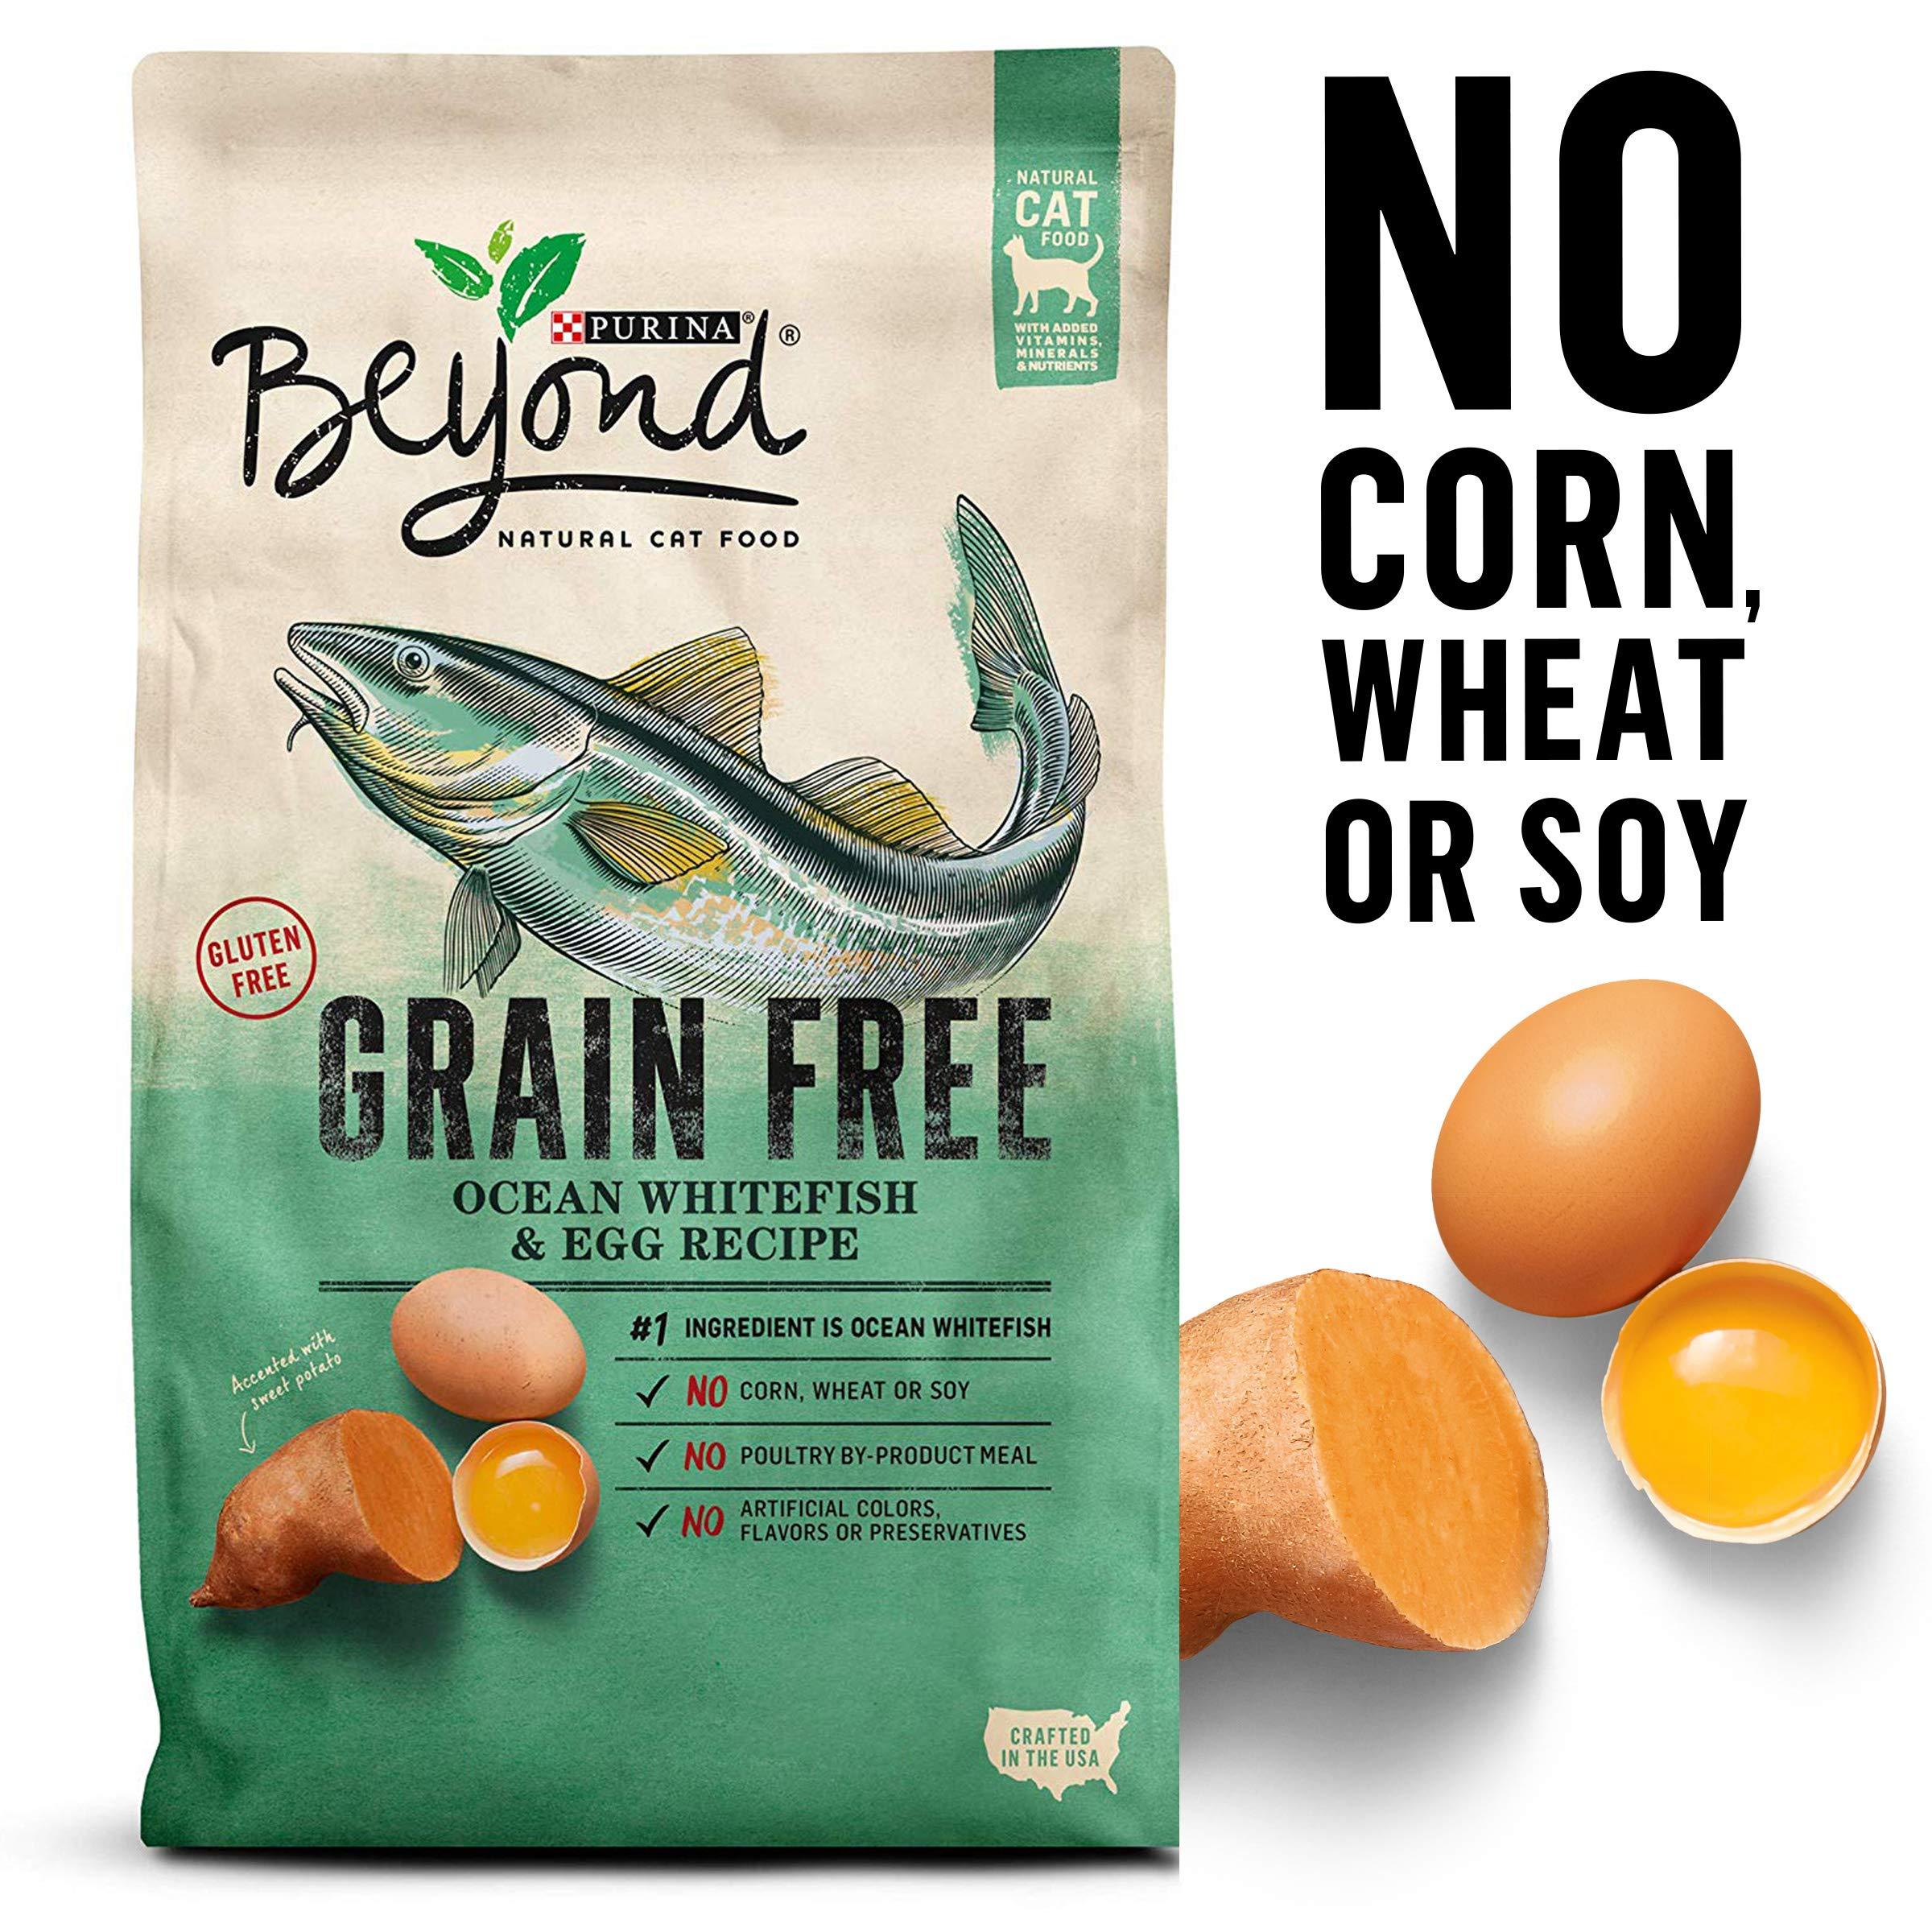 Purina Beyond Grain Free, Natural Dry Cat Food; Grain Free Ocean Whitefish & Egg Recipe - 11 lb. Bag